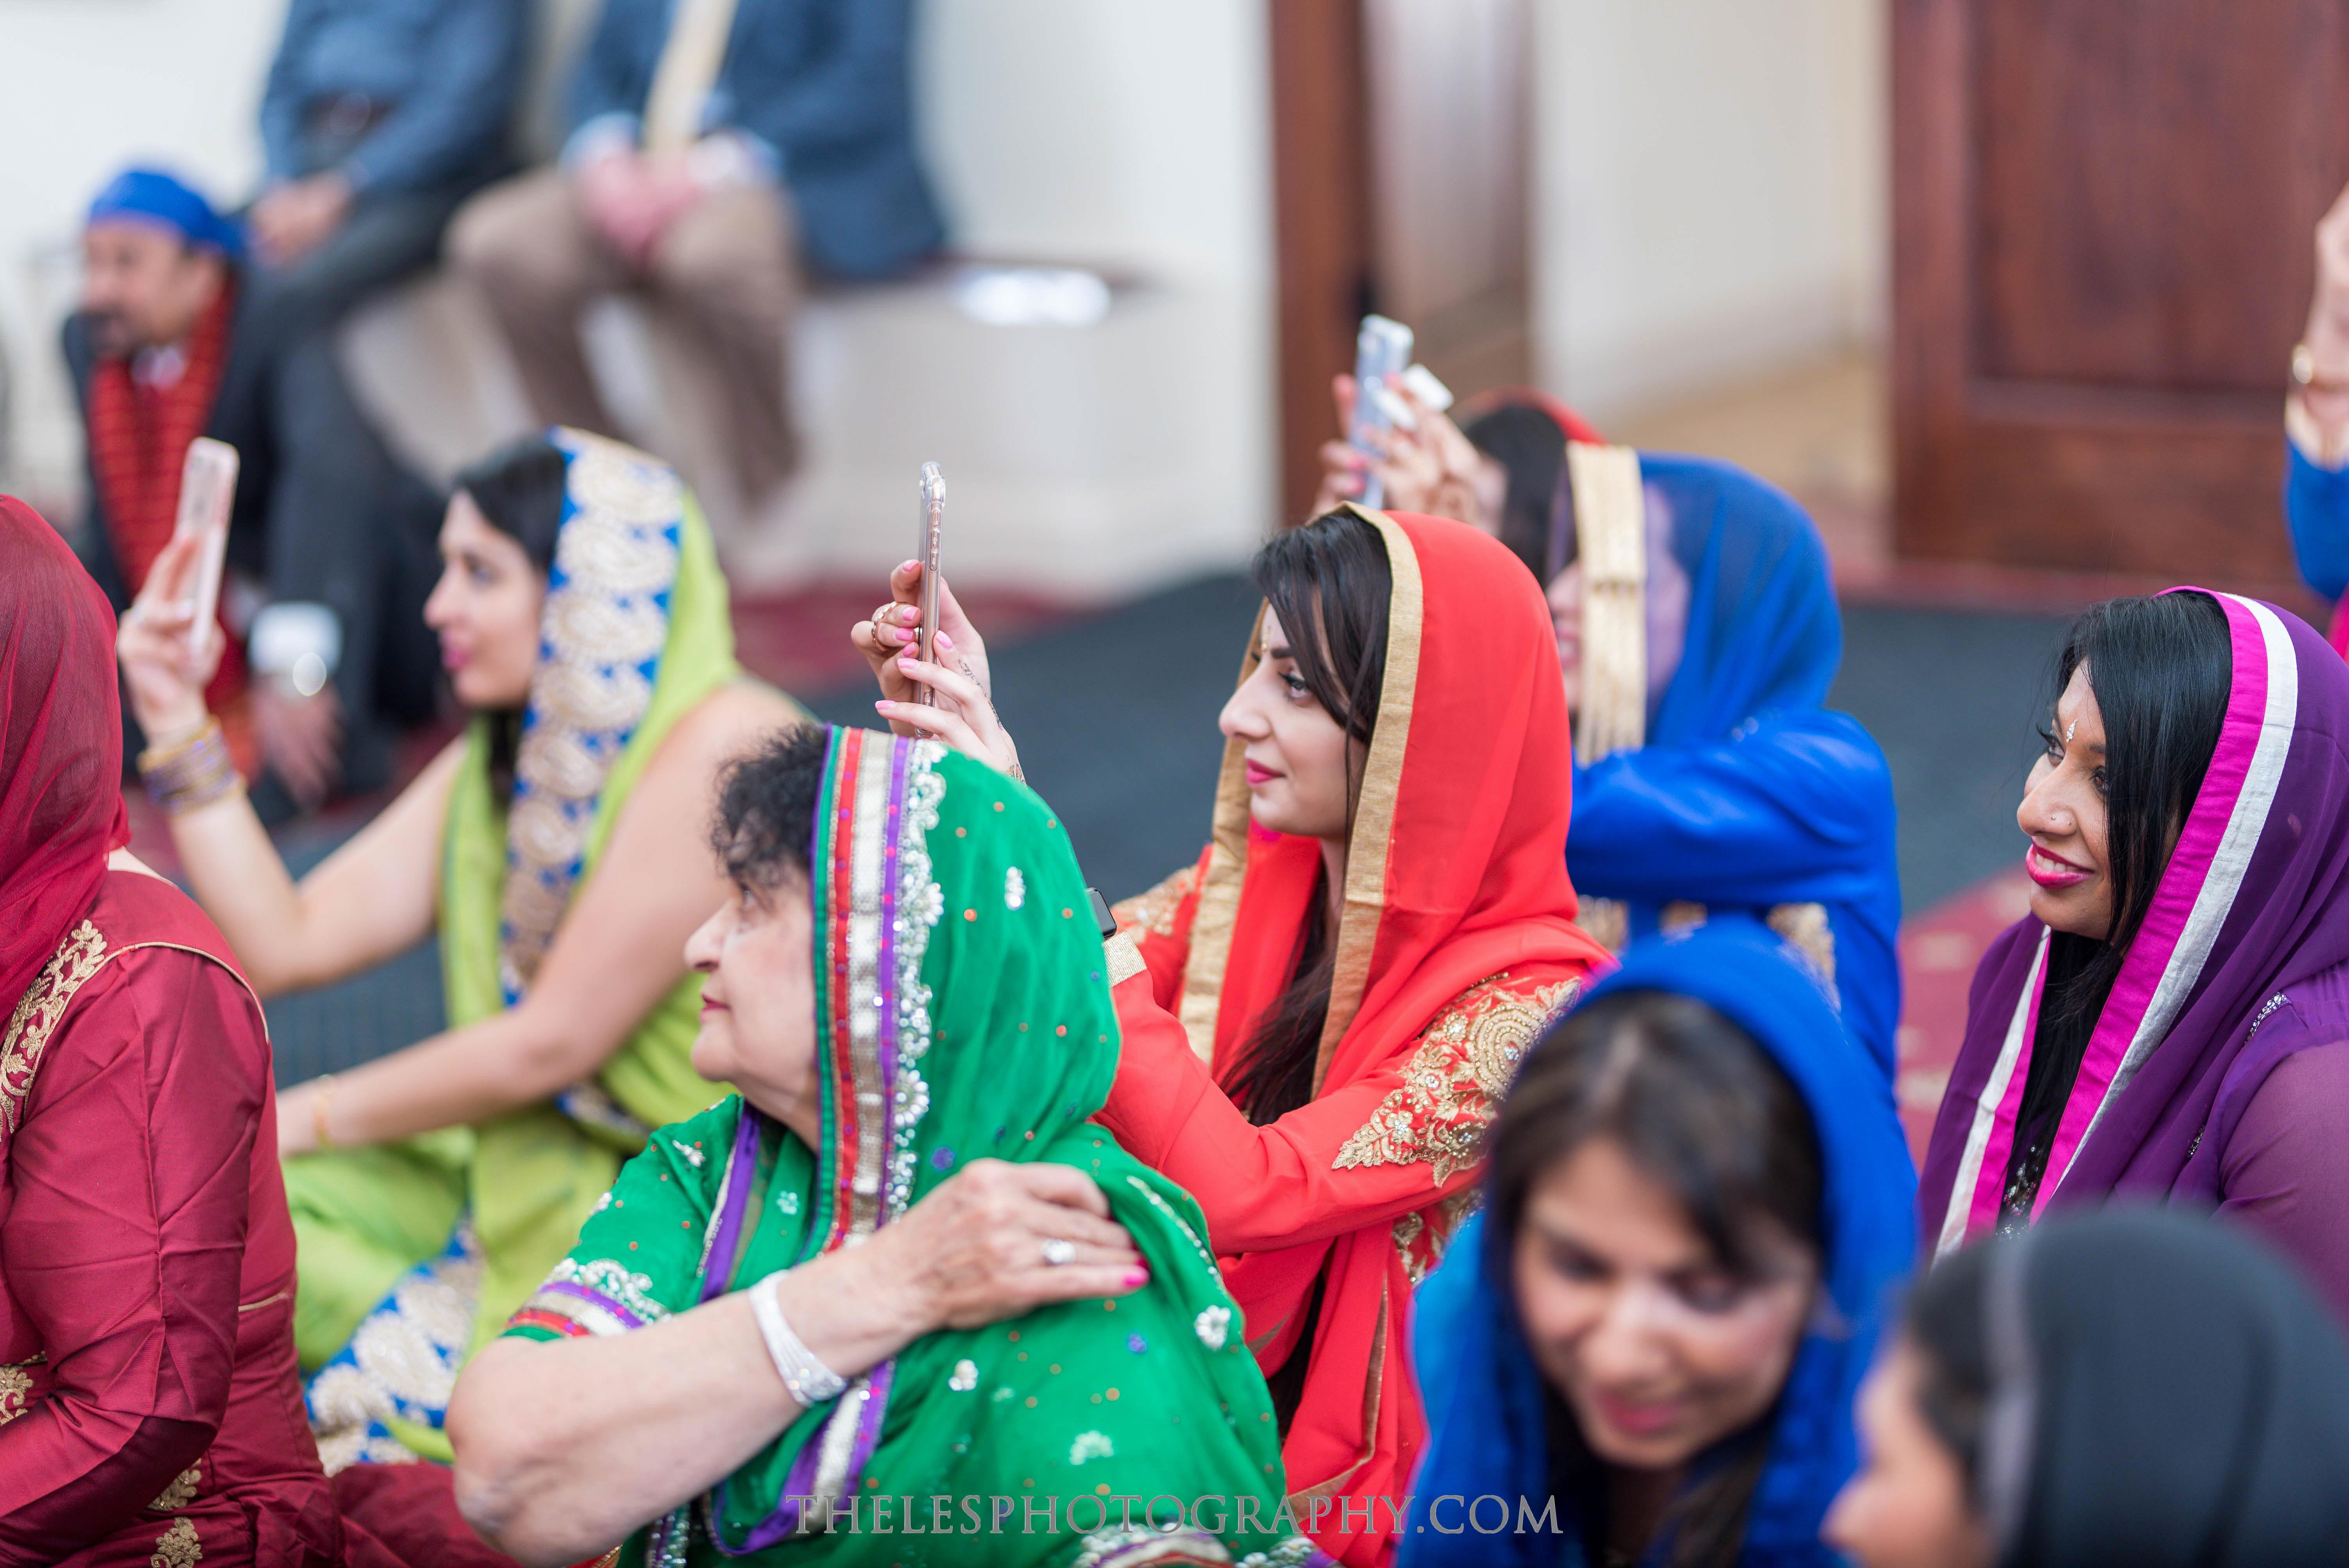 The Les Photography - Punjabi Wedding - Sikh Indian Wedding - Dallas Wedding Photographer 30